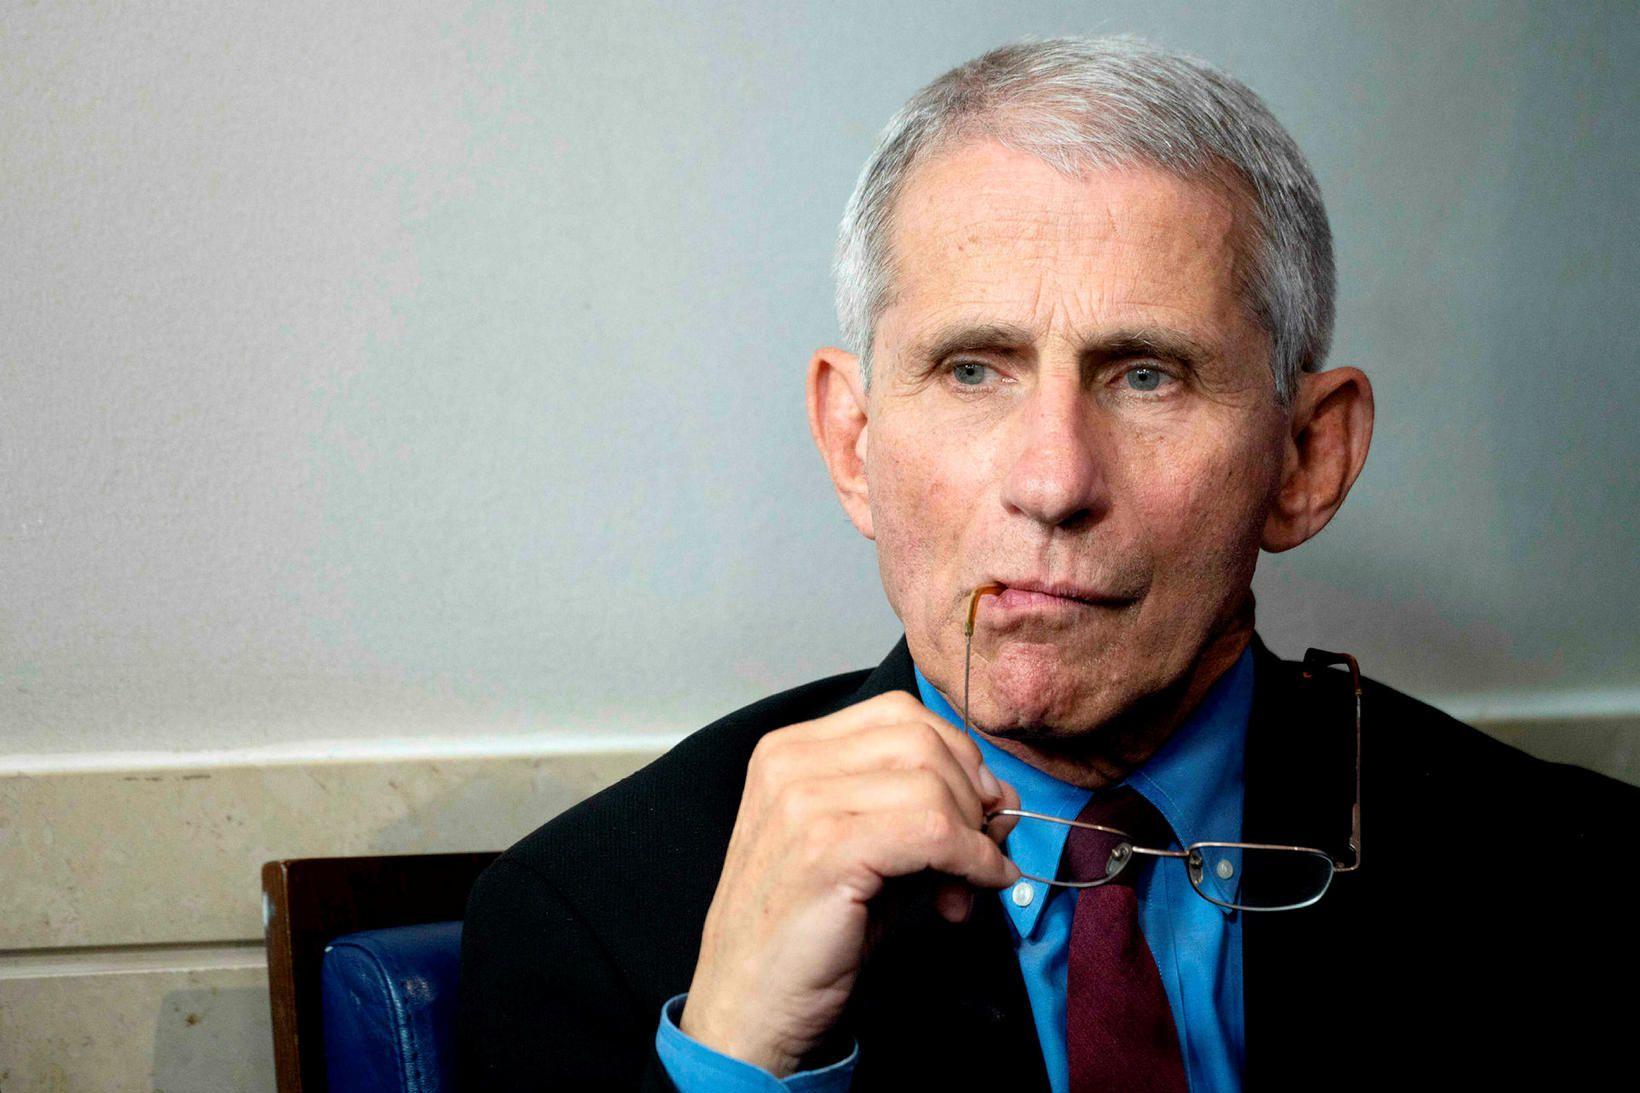 Dr. Anthony Fauci, forstöðumaður Ofnæmis- og smitsjúkdómastofnunar Bandaríkjanna, er maður …